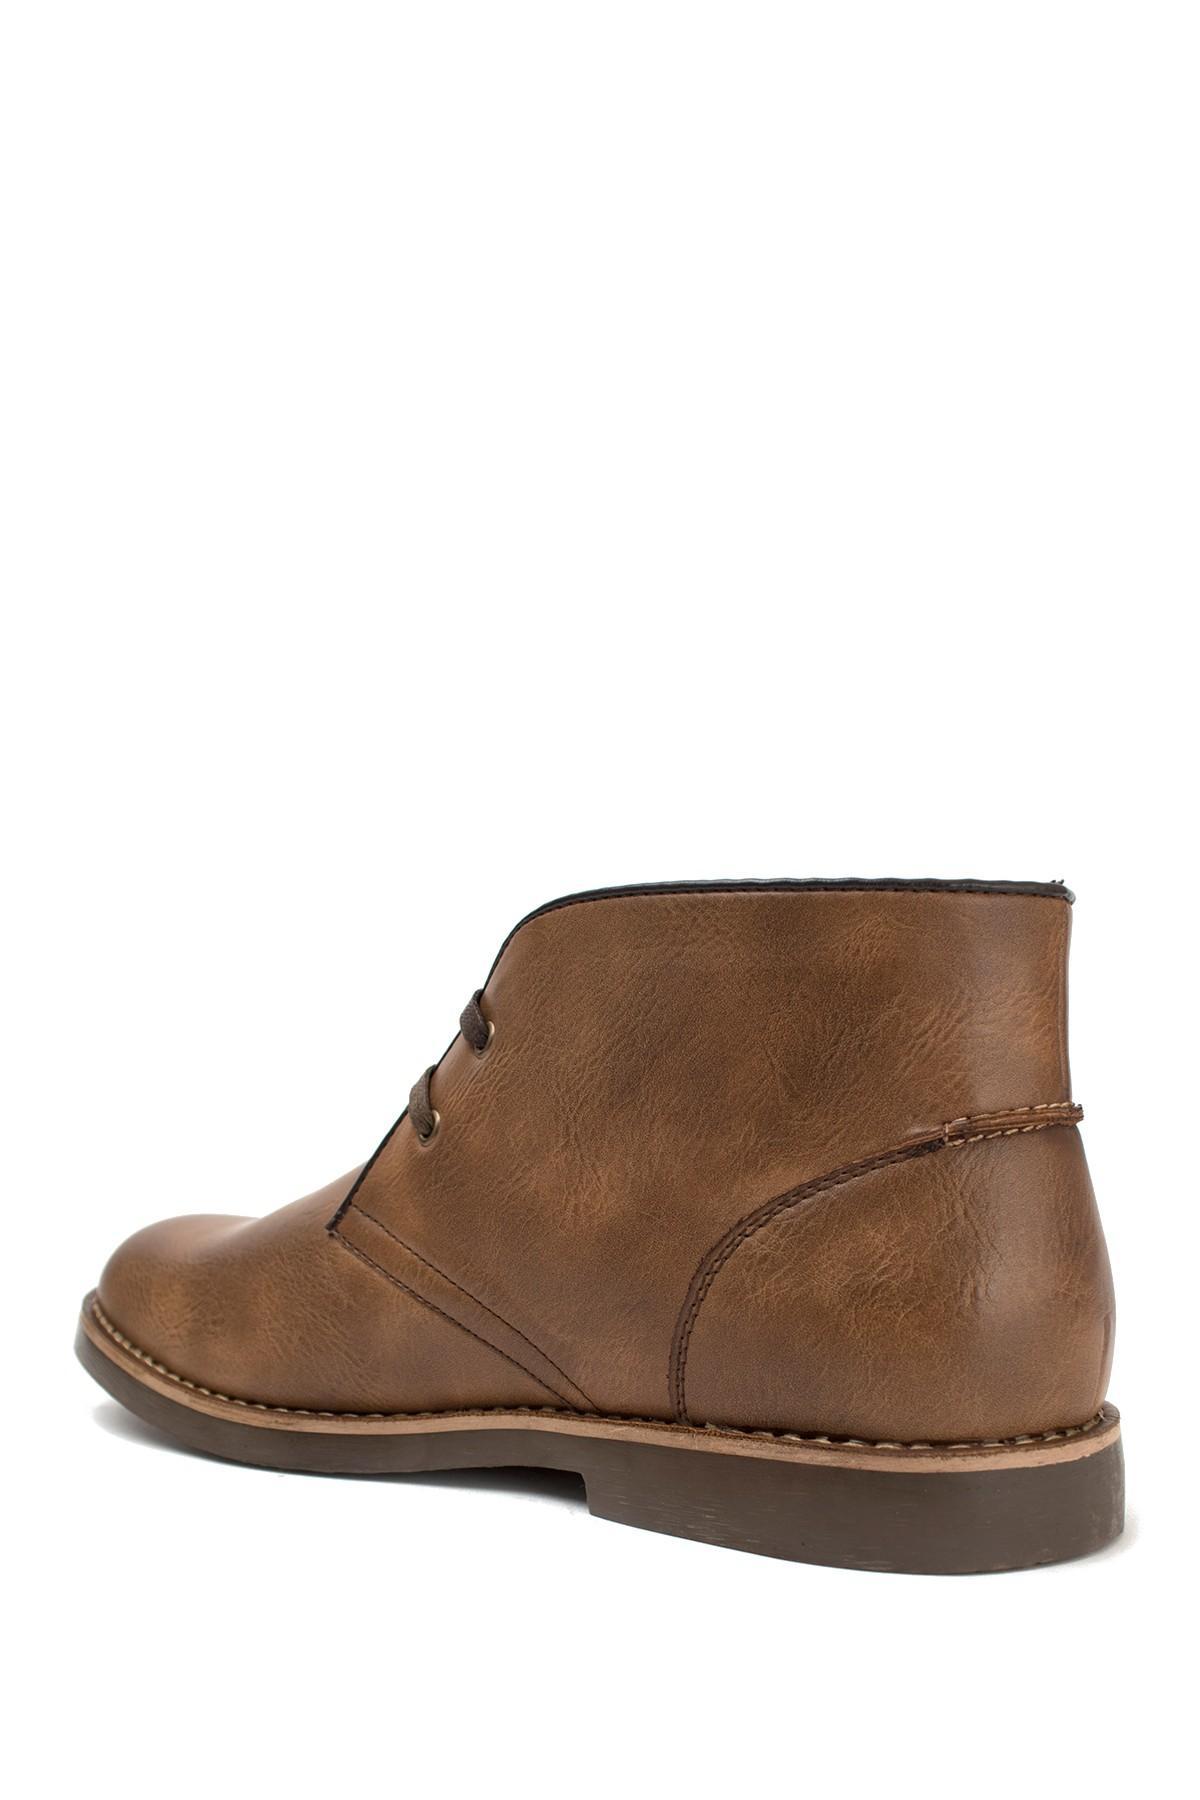 Lyst U S Polo Assn Bleeker Chukka Boot In Brown For Men